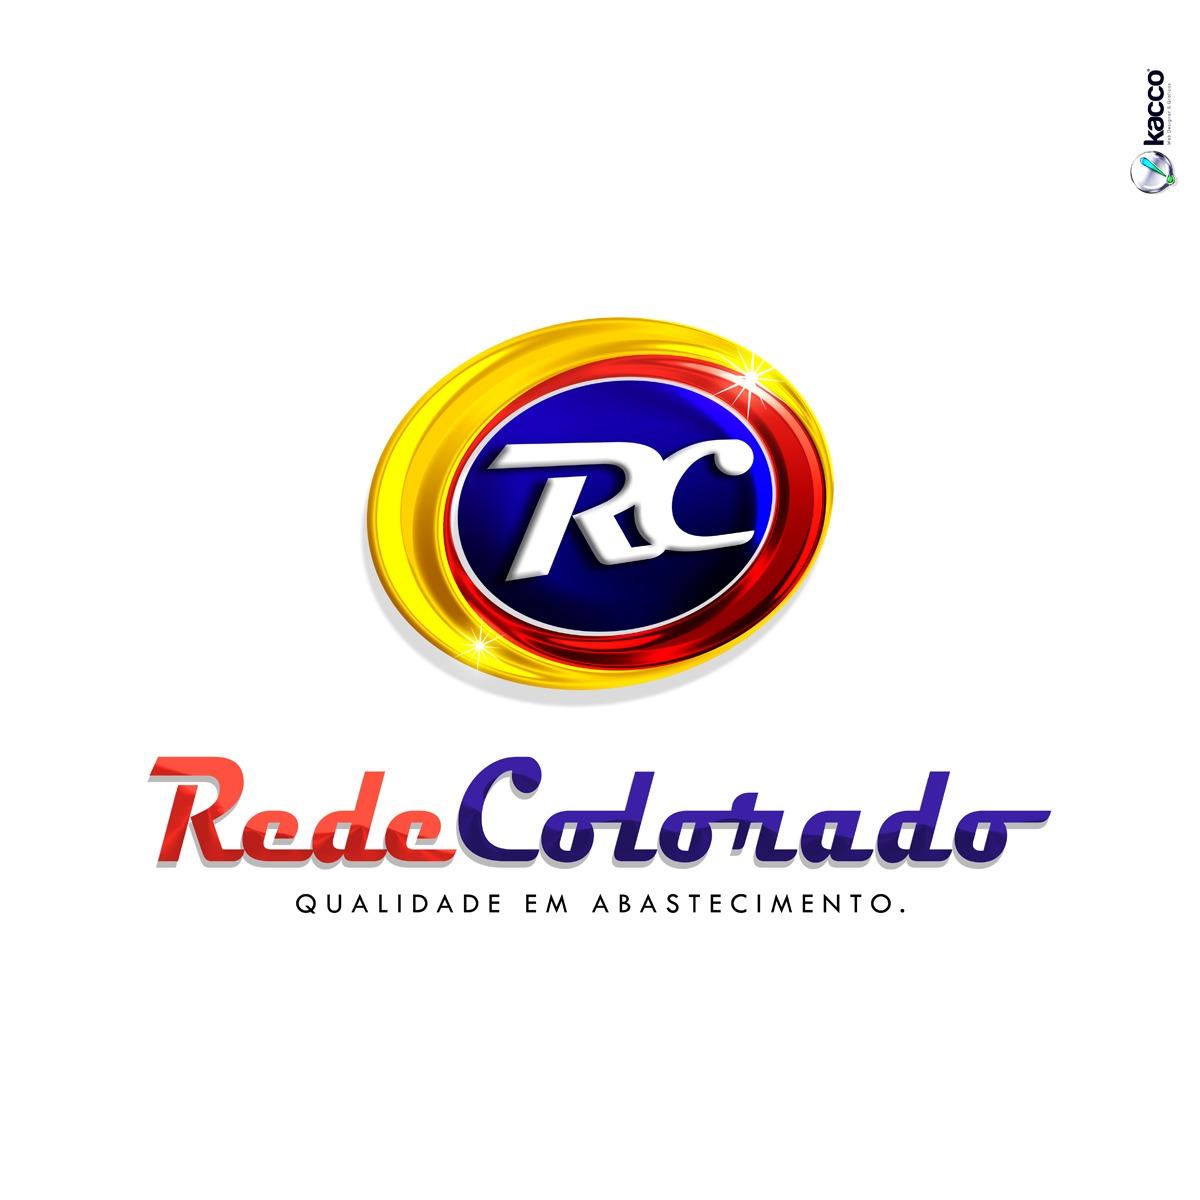 Rede Colorado